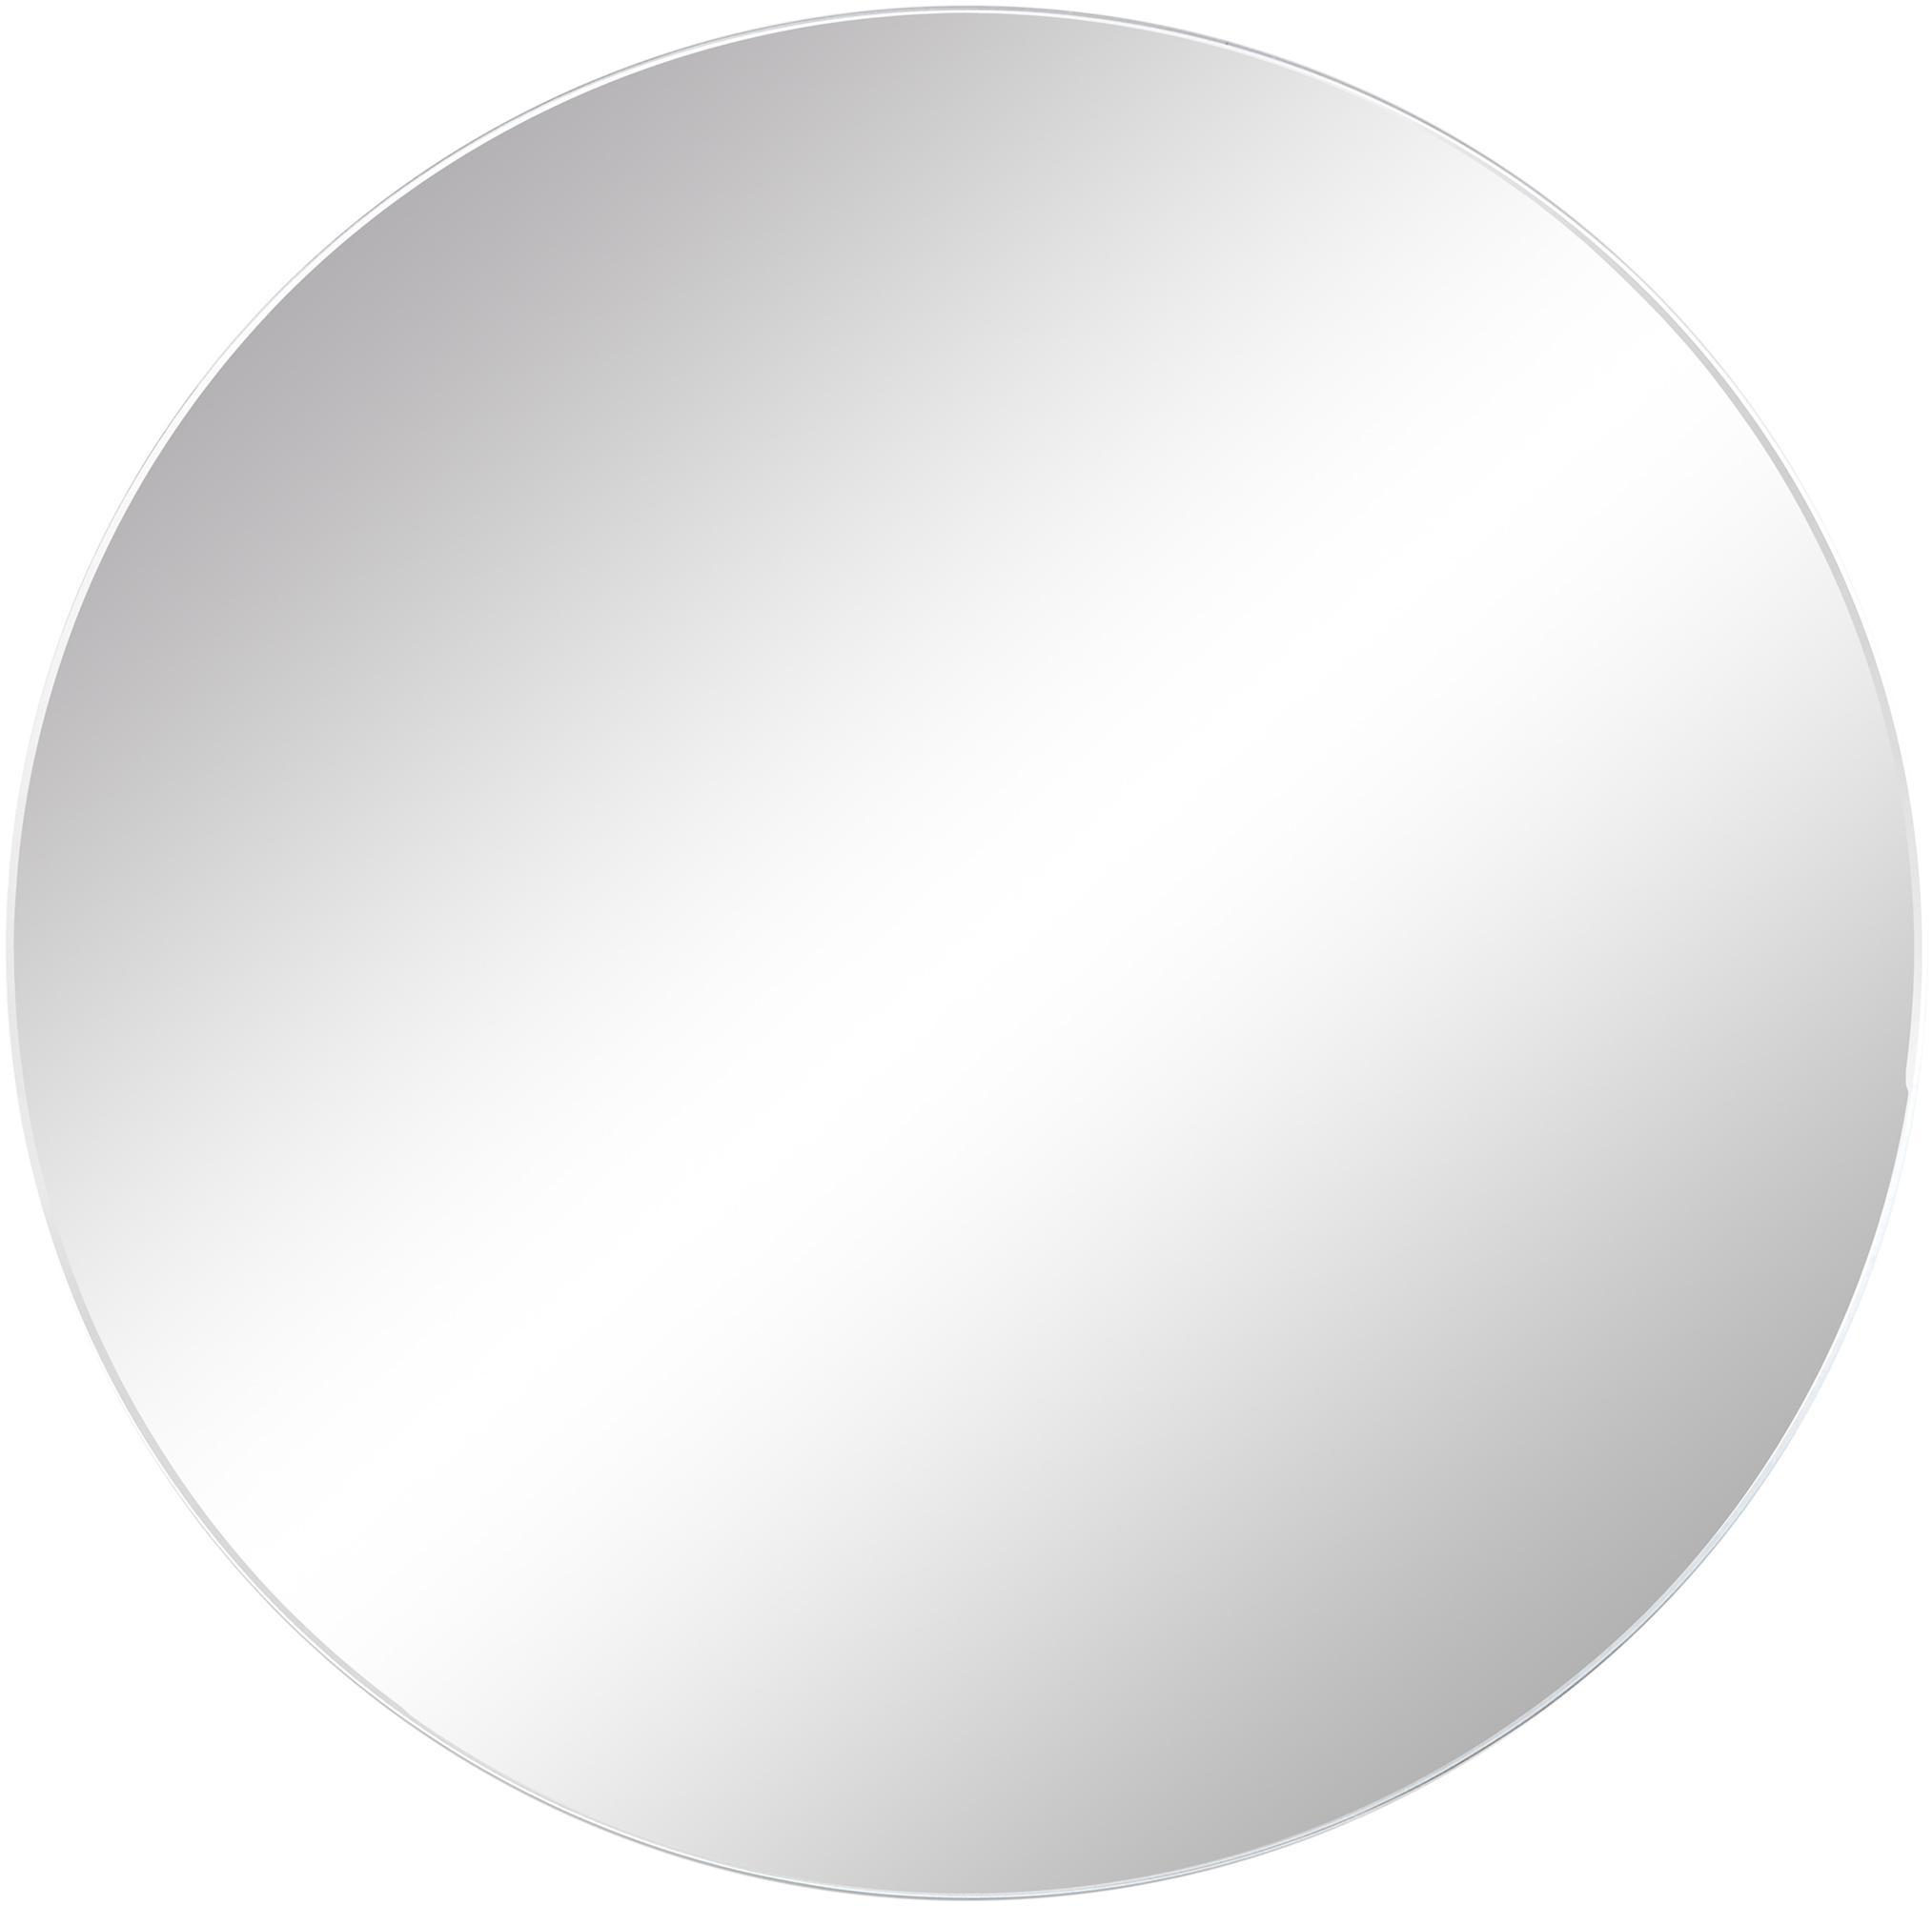 Rahmenloser Wandspiegel Erin, Spiegelfläche: Spiegelglas, Rückseite: Mitteldichte Holzfaserpla, Spiegelfläche: SpiegelglasSpiegelaussenkante: Schwarz, Ø 40 cm